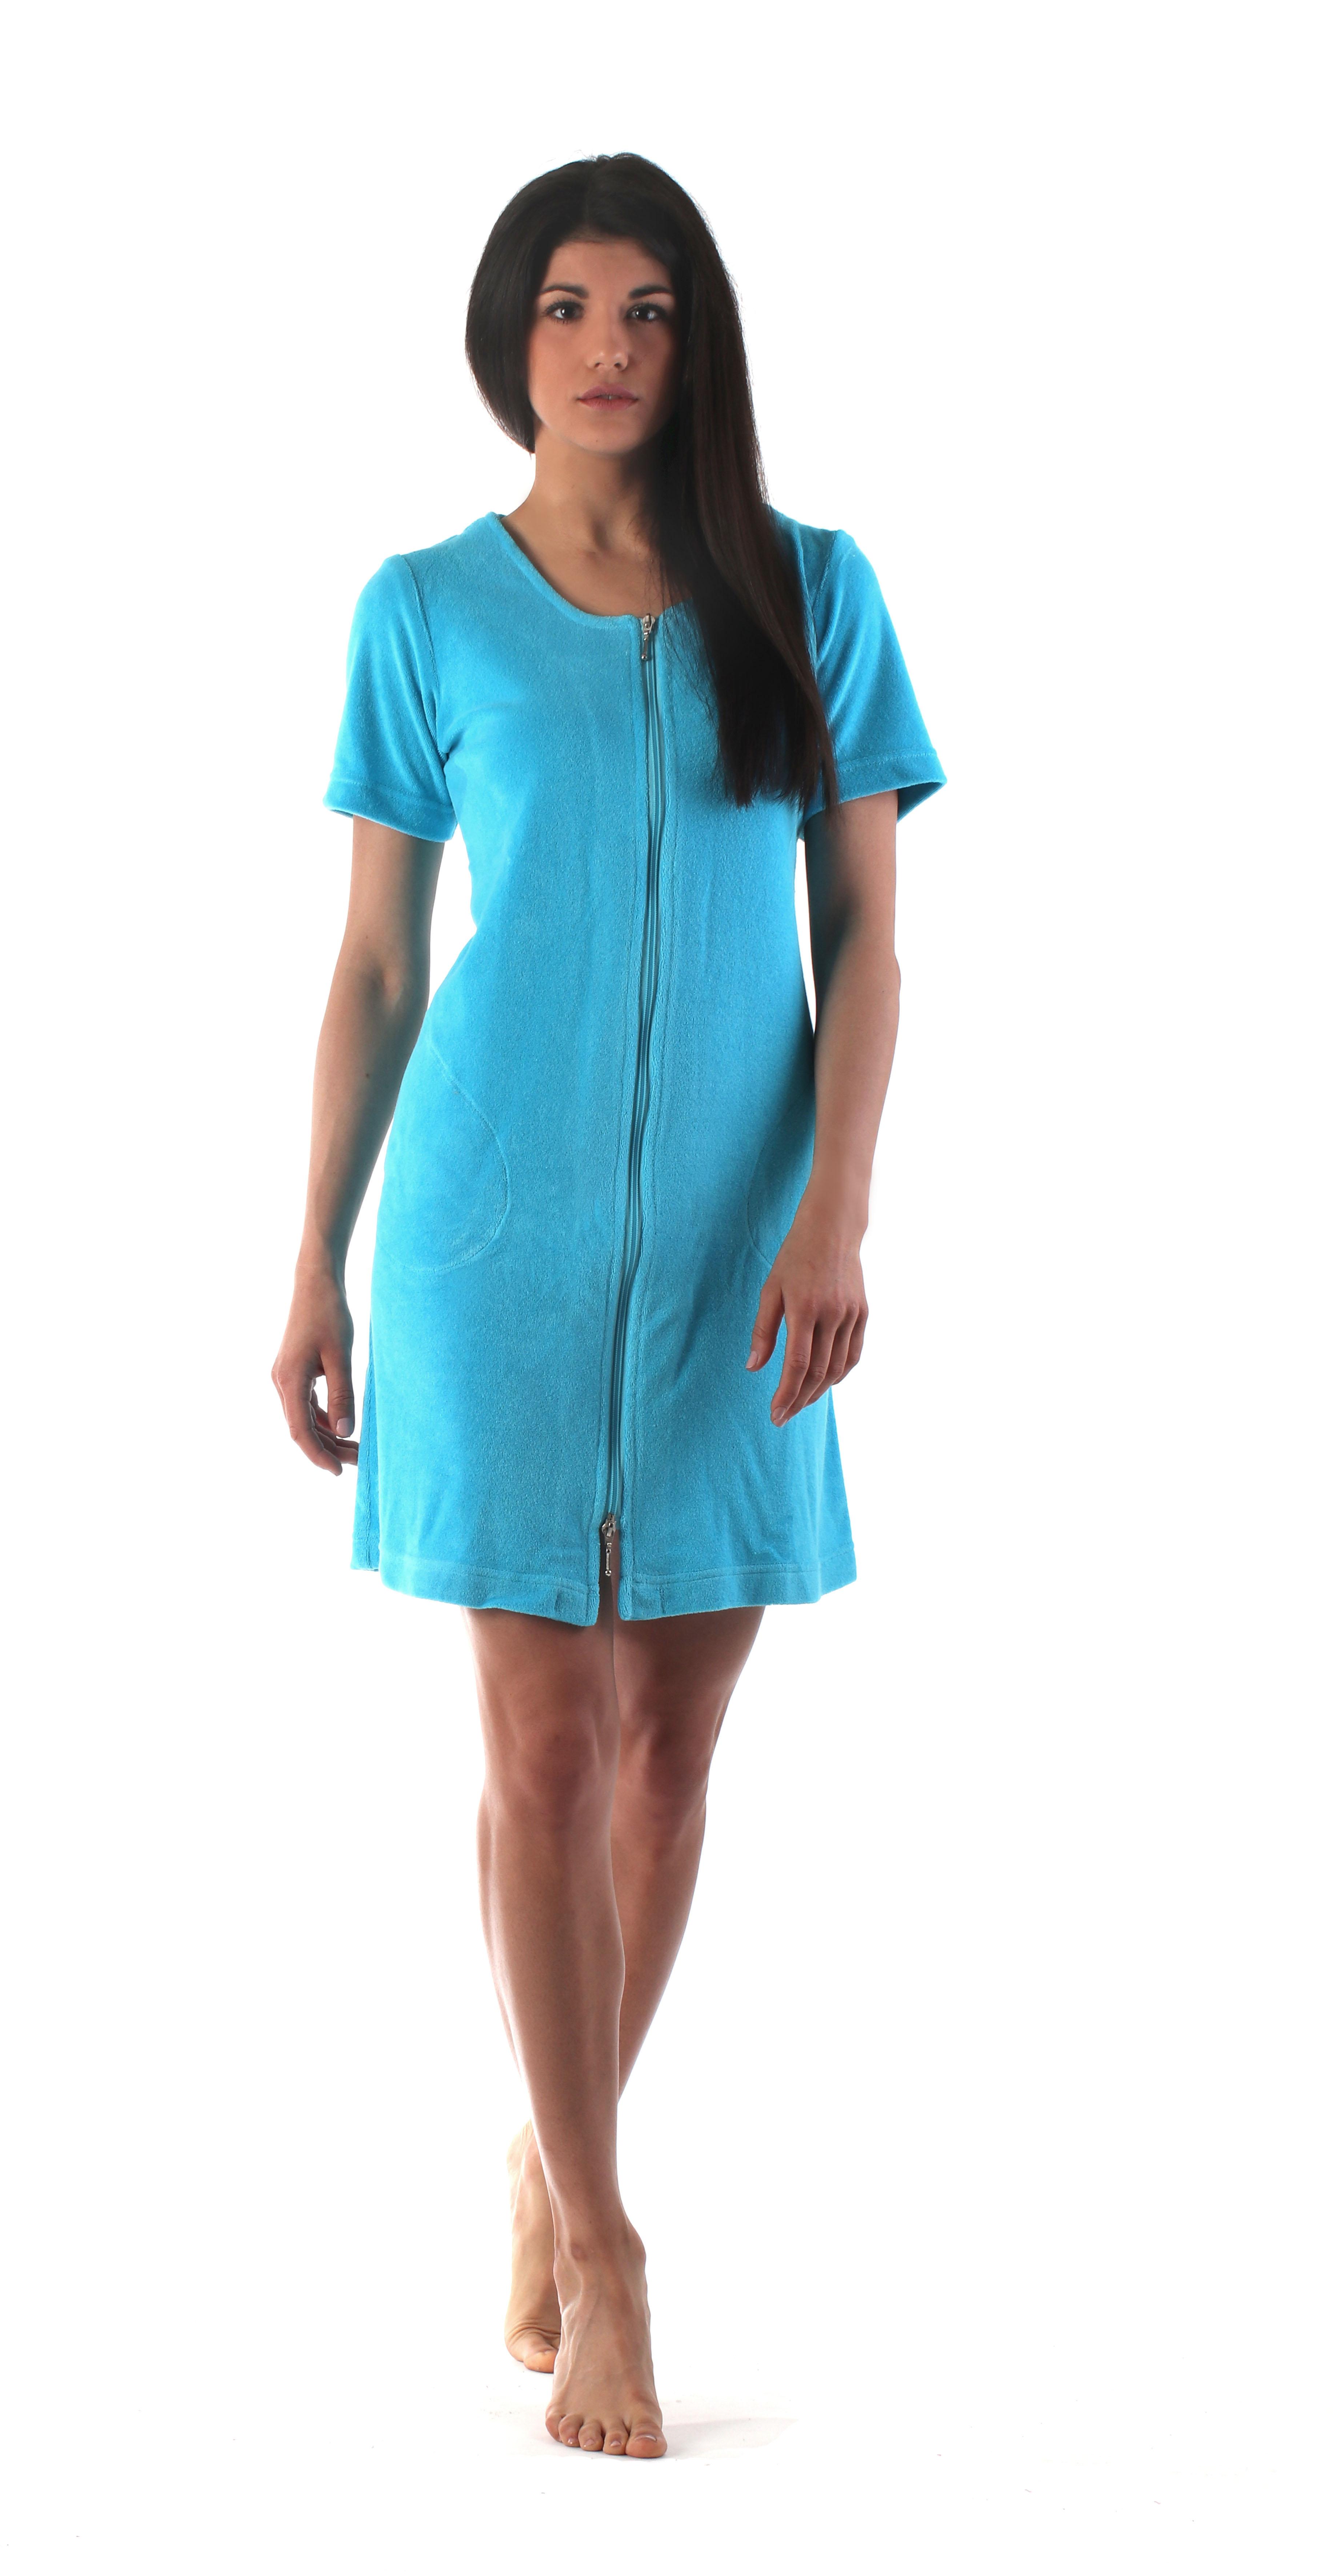 Dámské domácí šaty Bari 5164 6330 tyrkysová vel.S - Vestis 4d81a3cac4